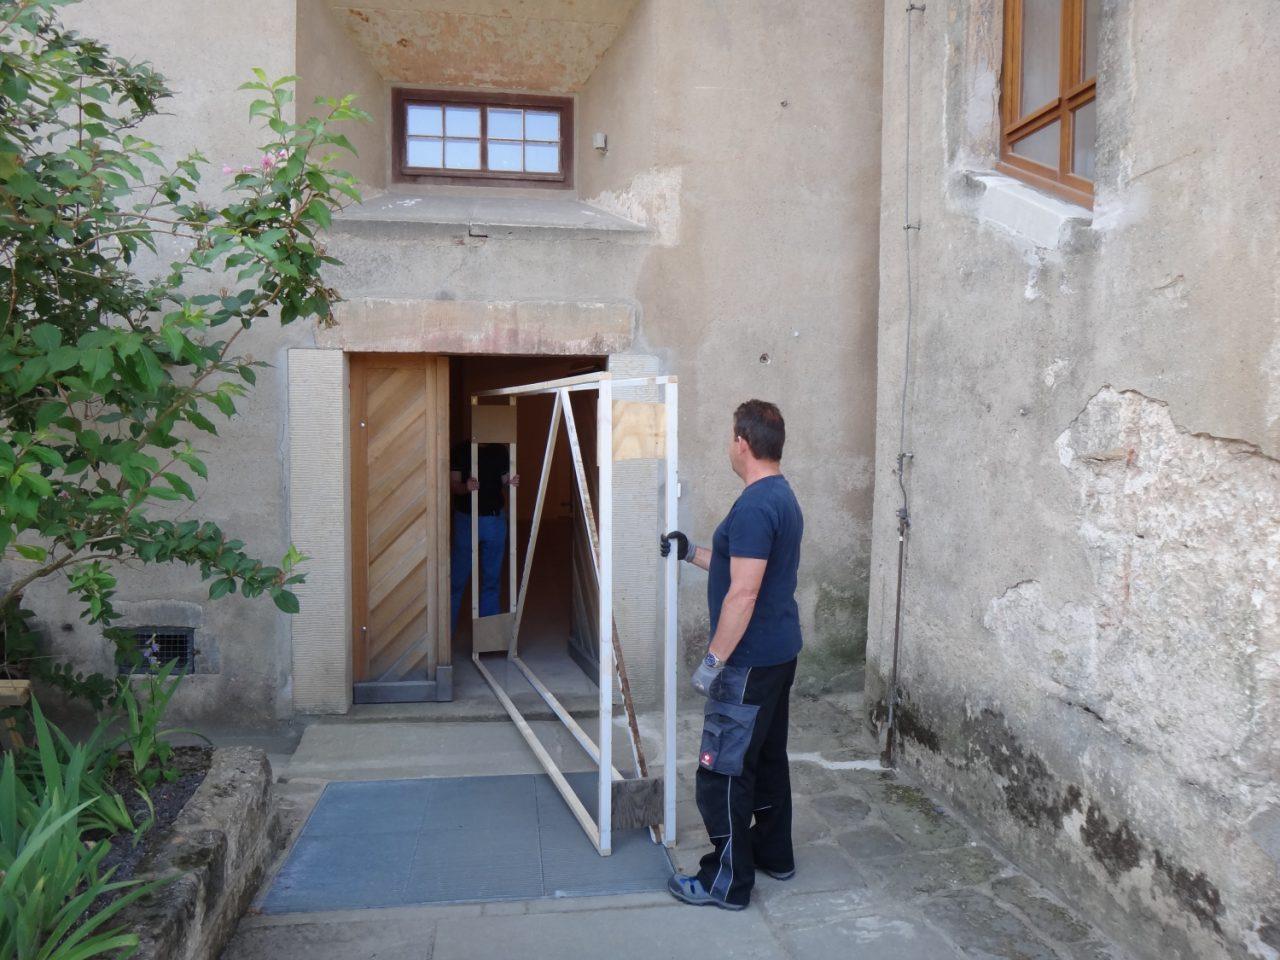 Mitarbeiter mit Holzrahmen vor der Tür der Magdalenenburg